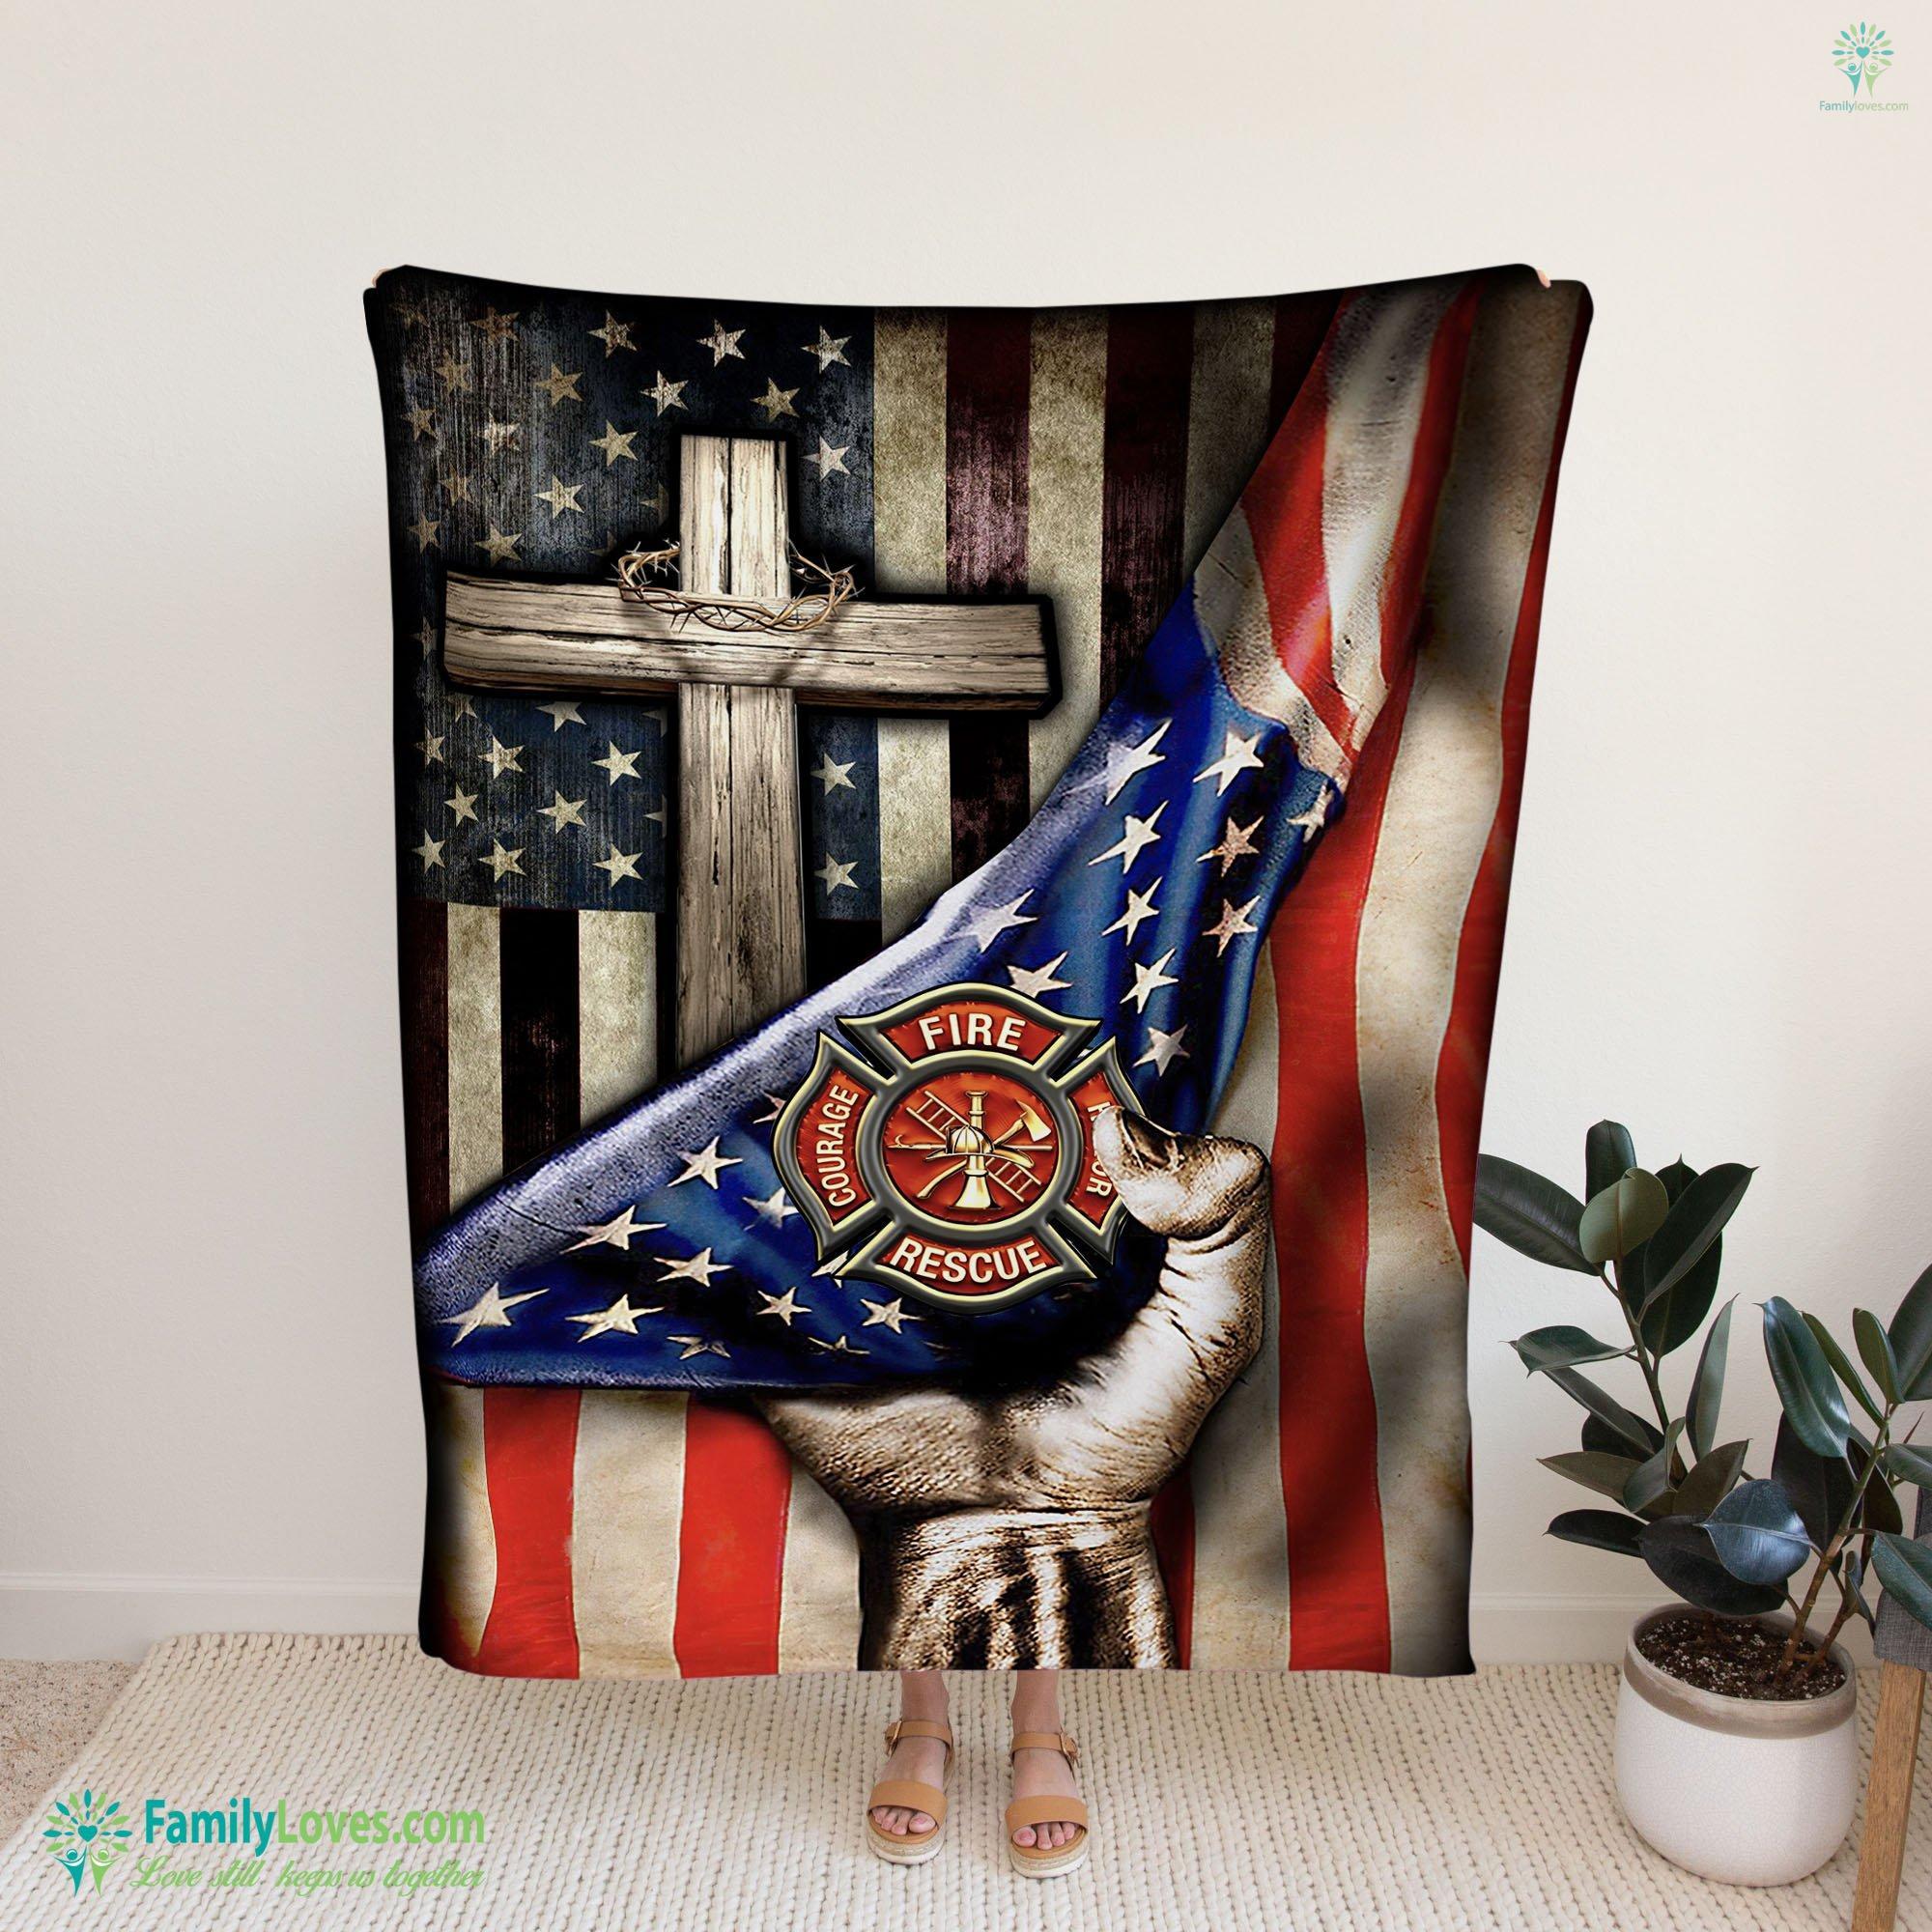 God Firefighter Blanket 14 Familyloves.com